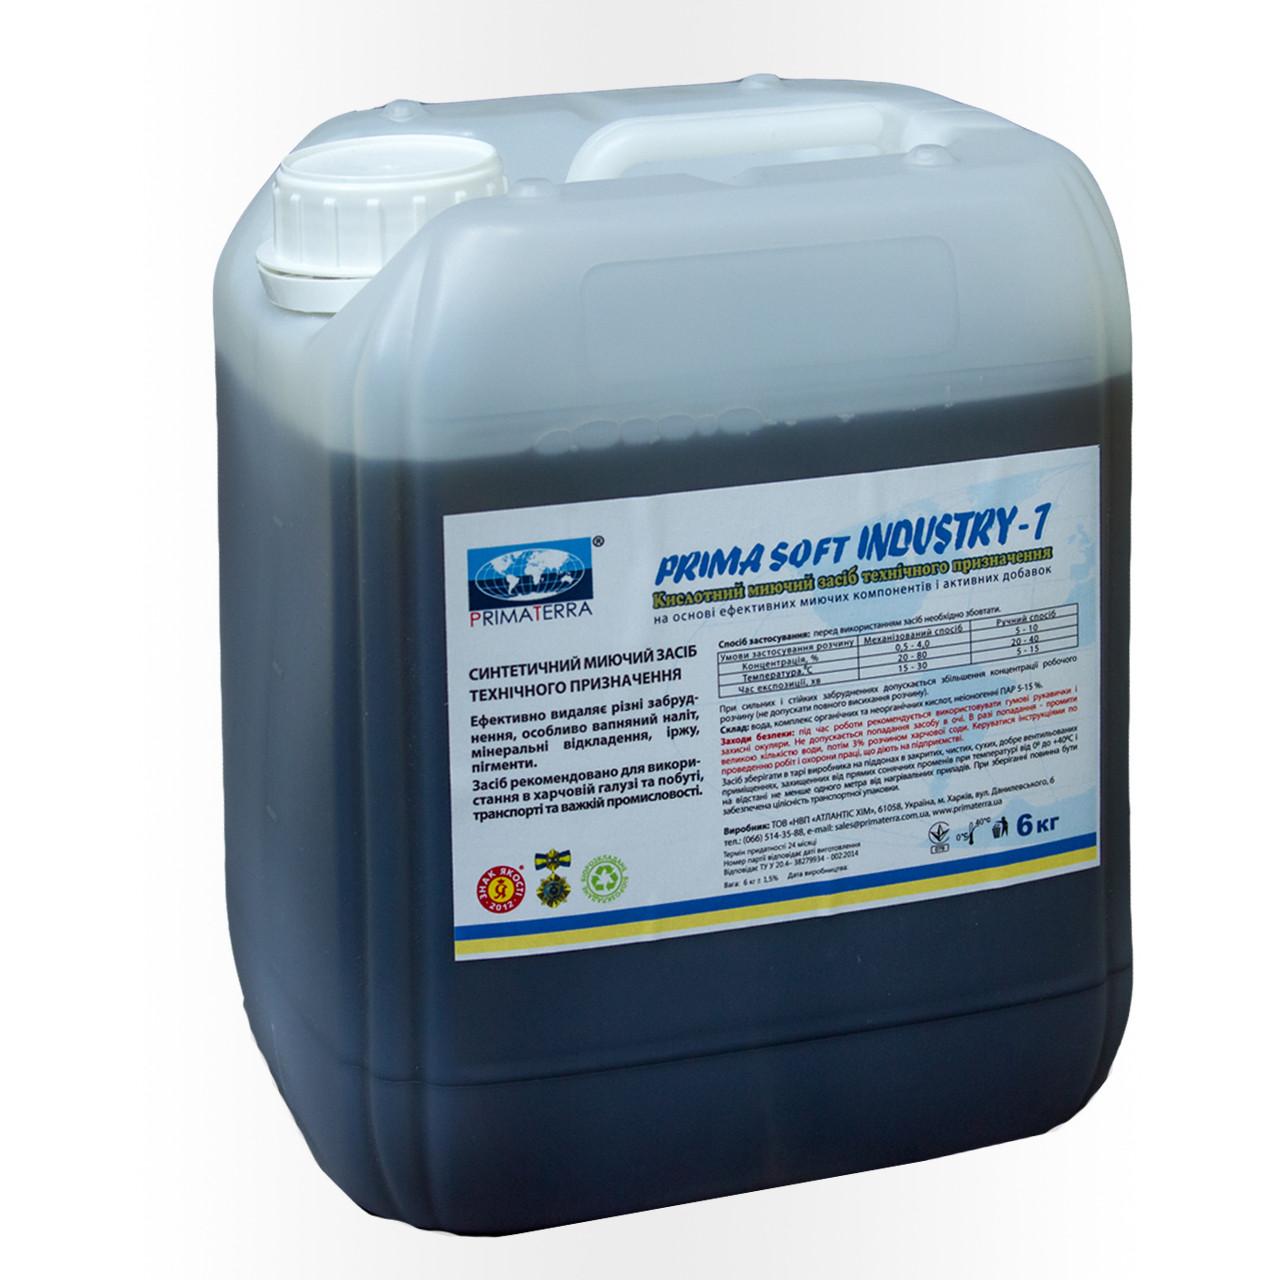 Засіб для видалення відкладень, іржі та накипу Industry-1 (6кг)